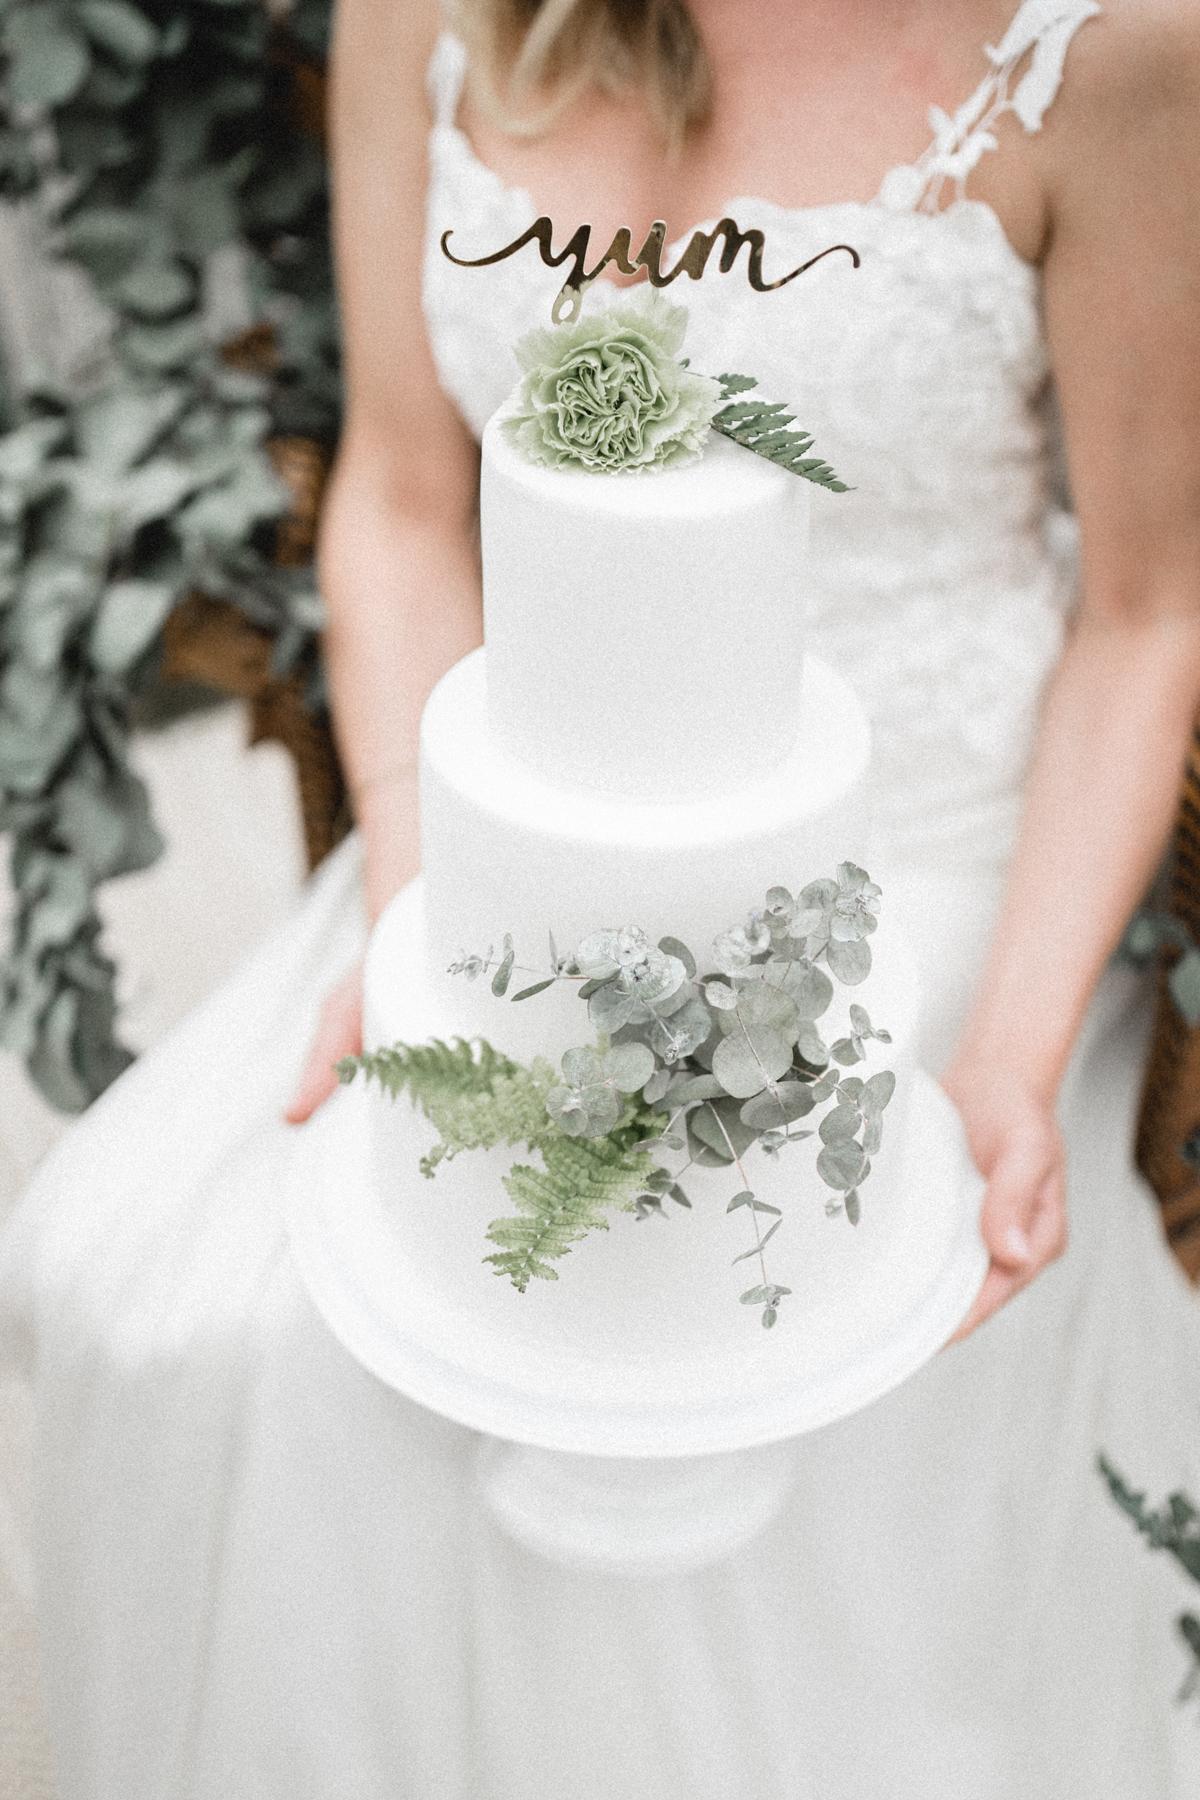 Andreas_Nusch_Hochzeitsfotografie_Brautshooting_2017_JA-Hochzeitsshop_0171